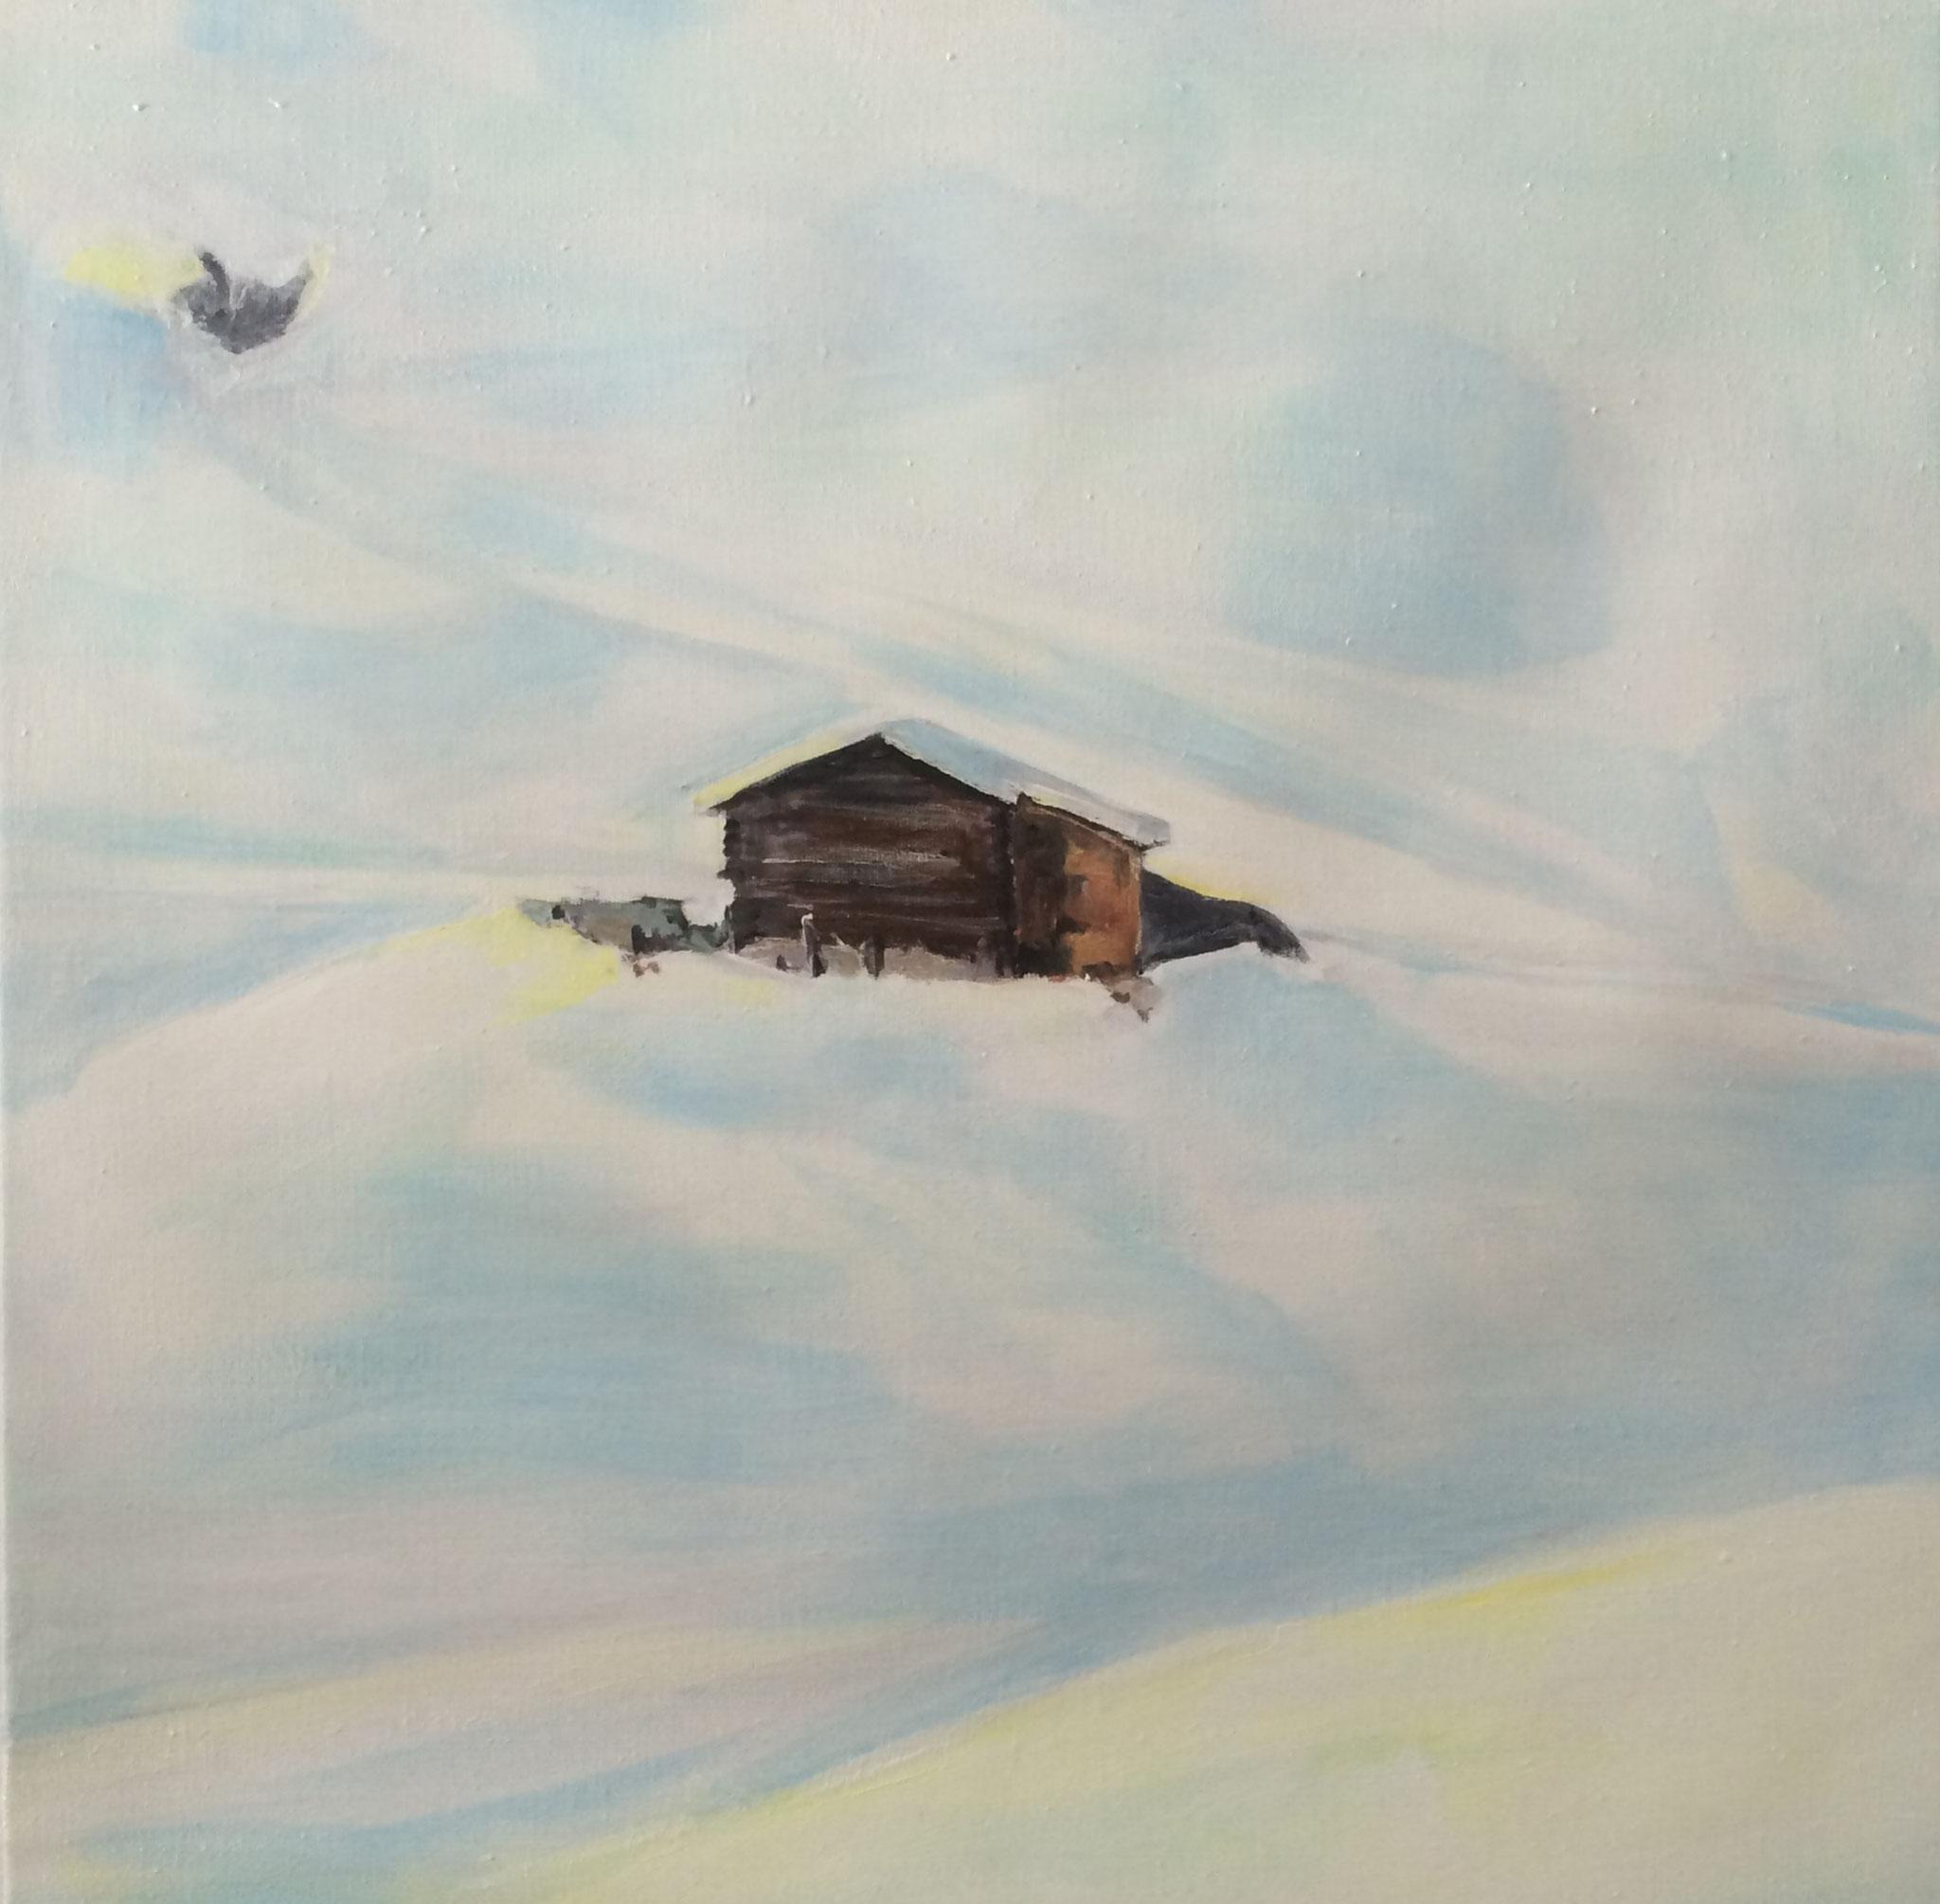 Hütte Partnun, 2017, Acryl auf Leinwand, 80x80